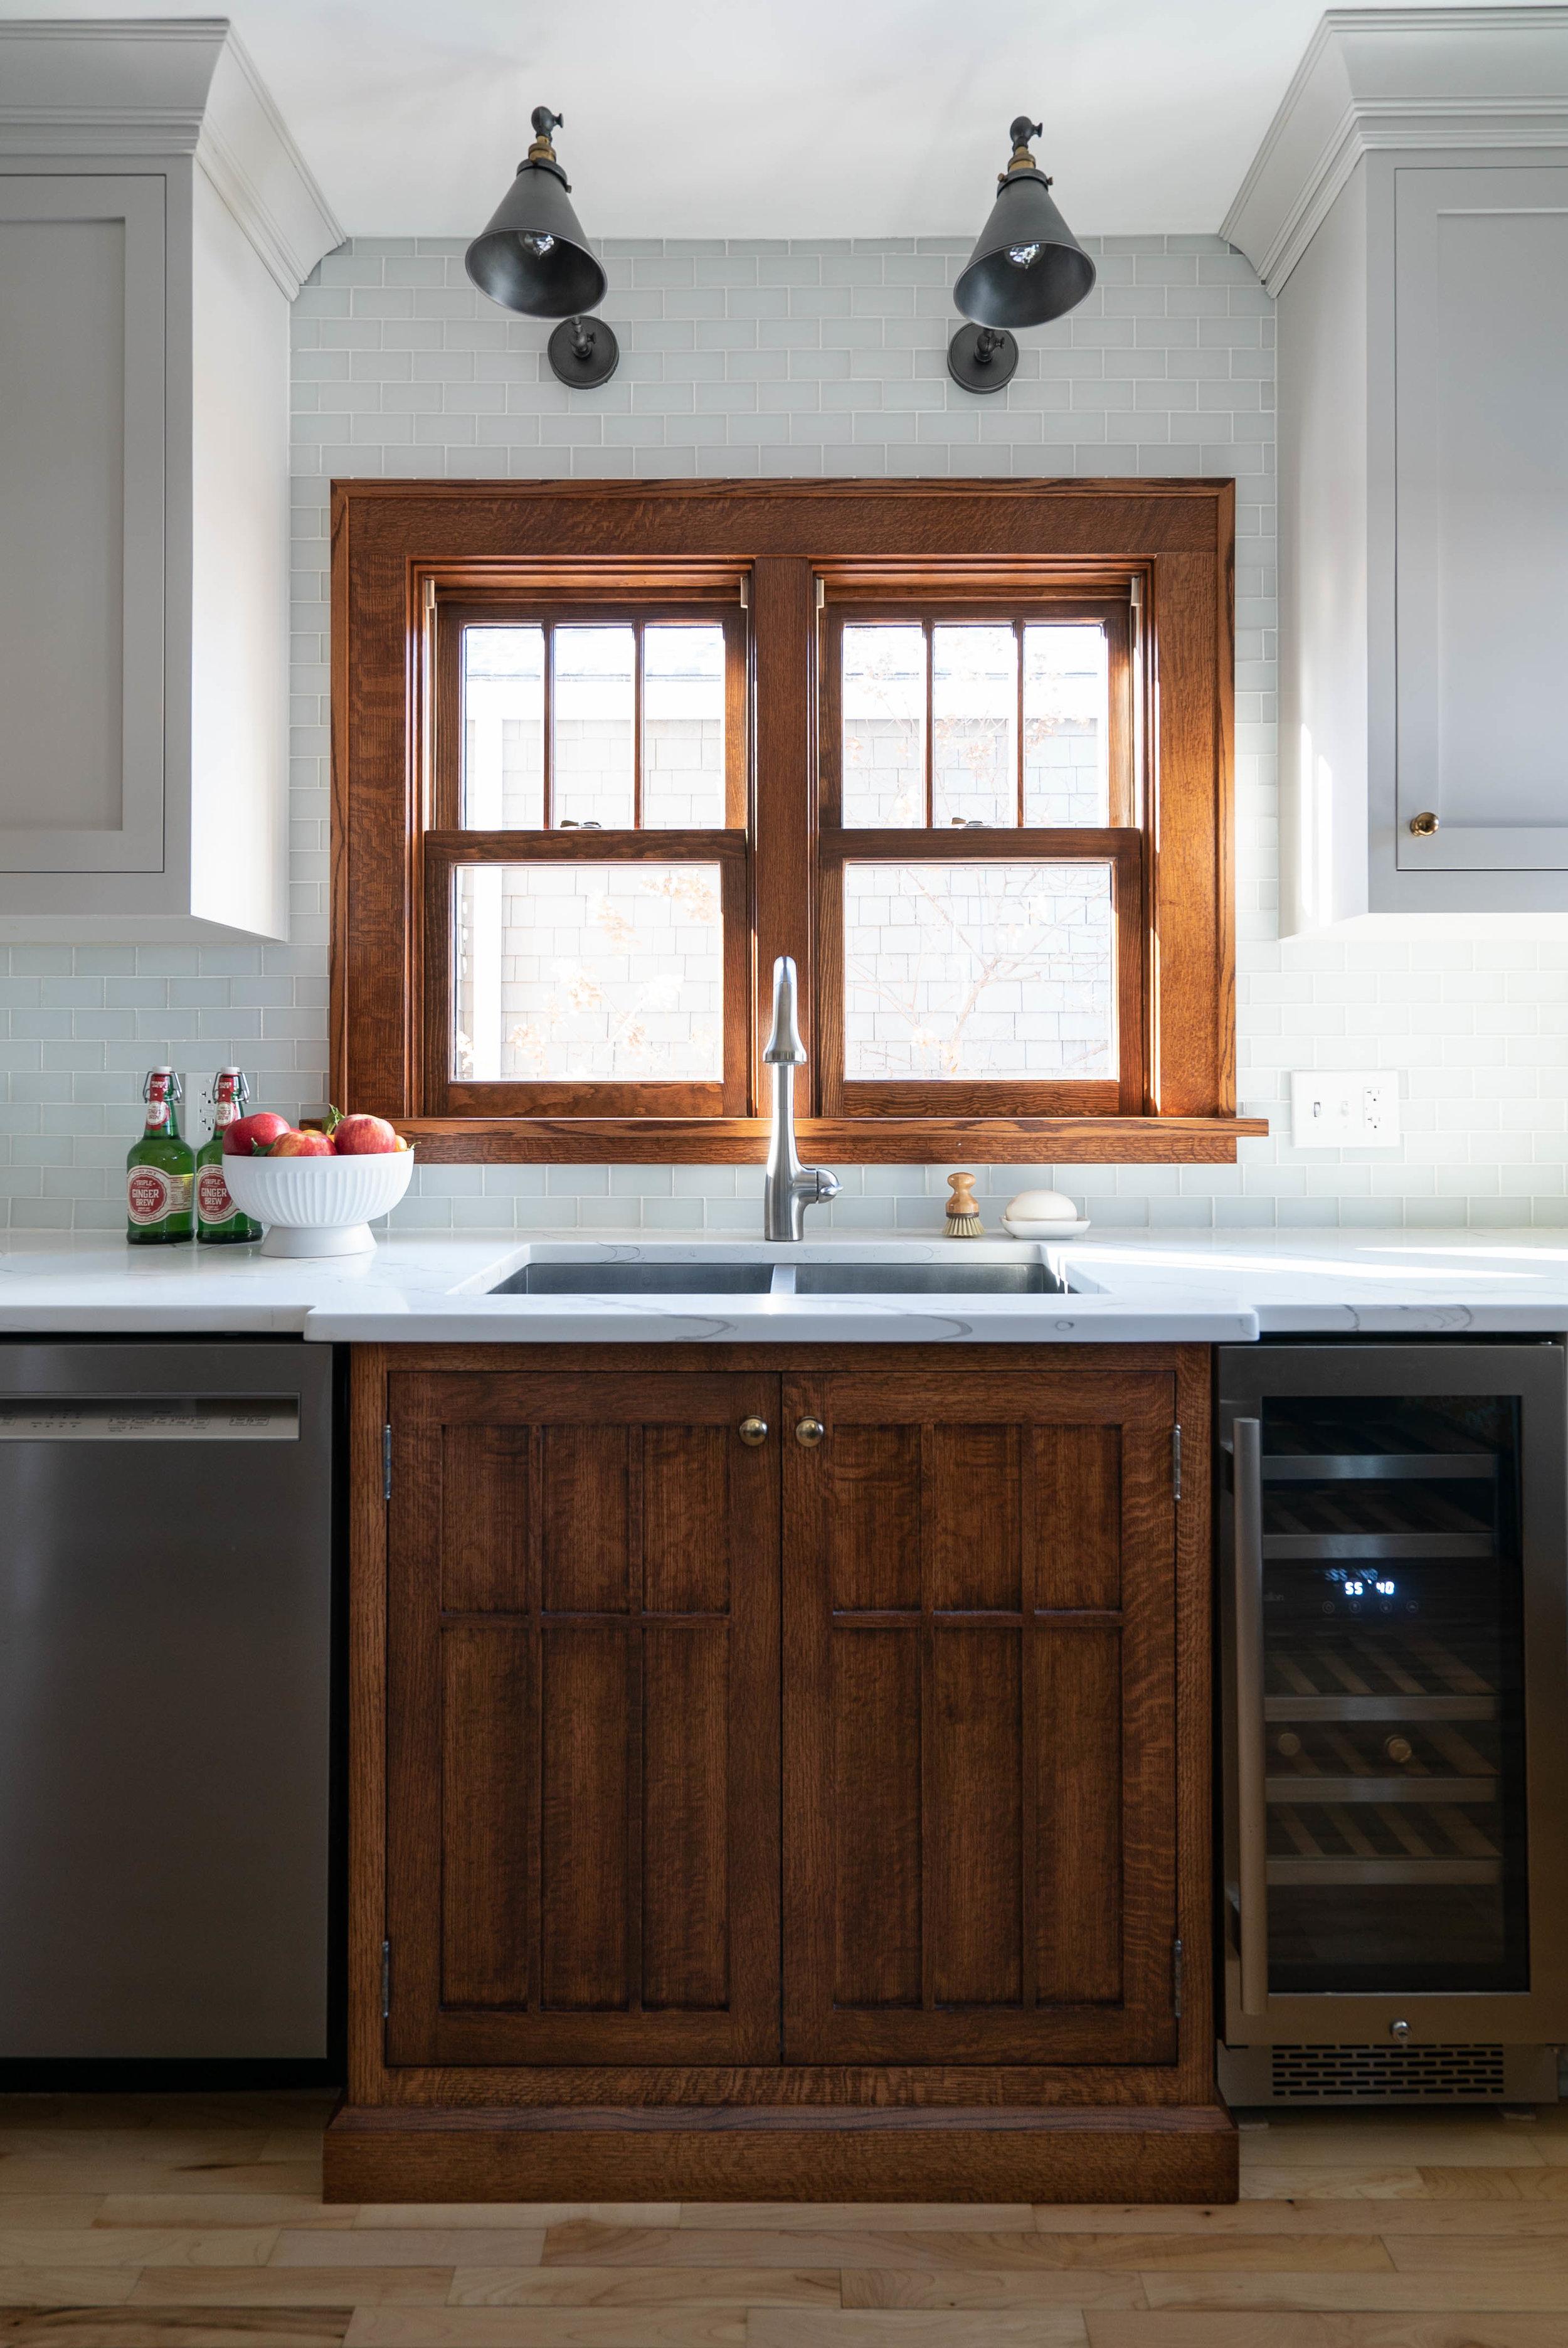 KF_NEW Craftsman Kitchen Sink 020619.jpg